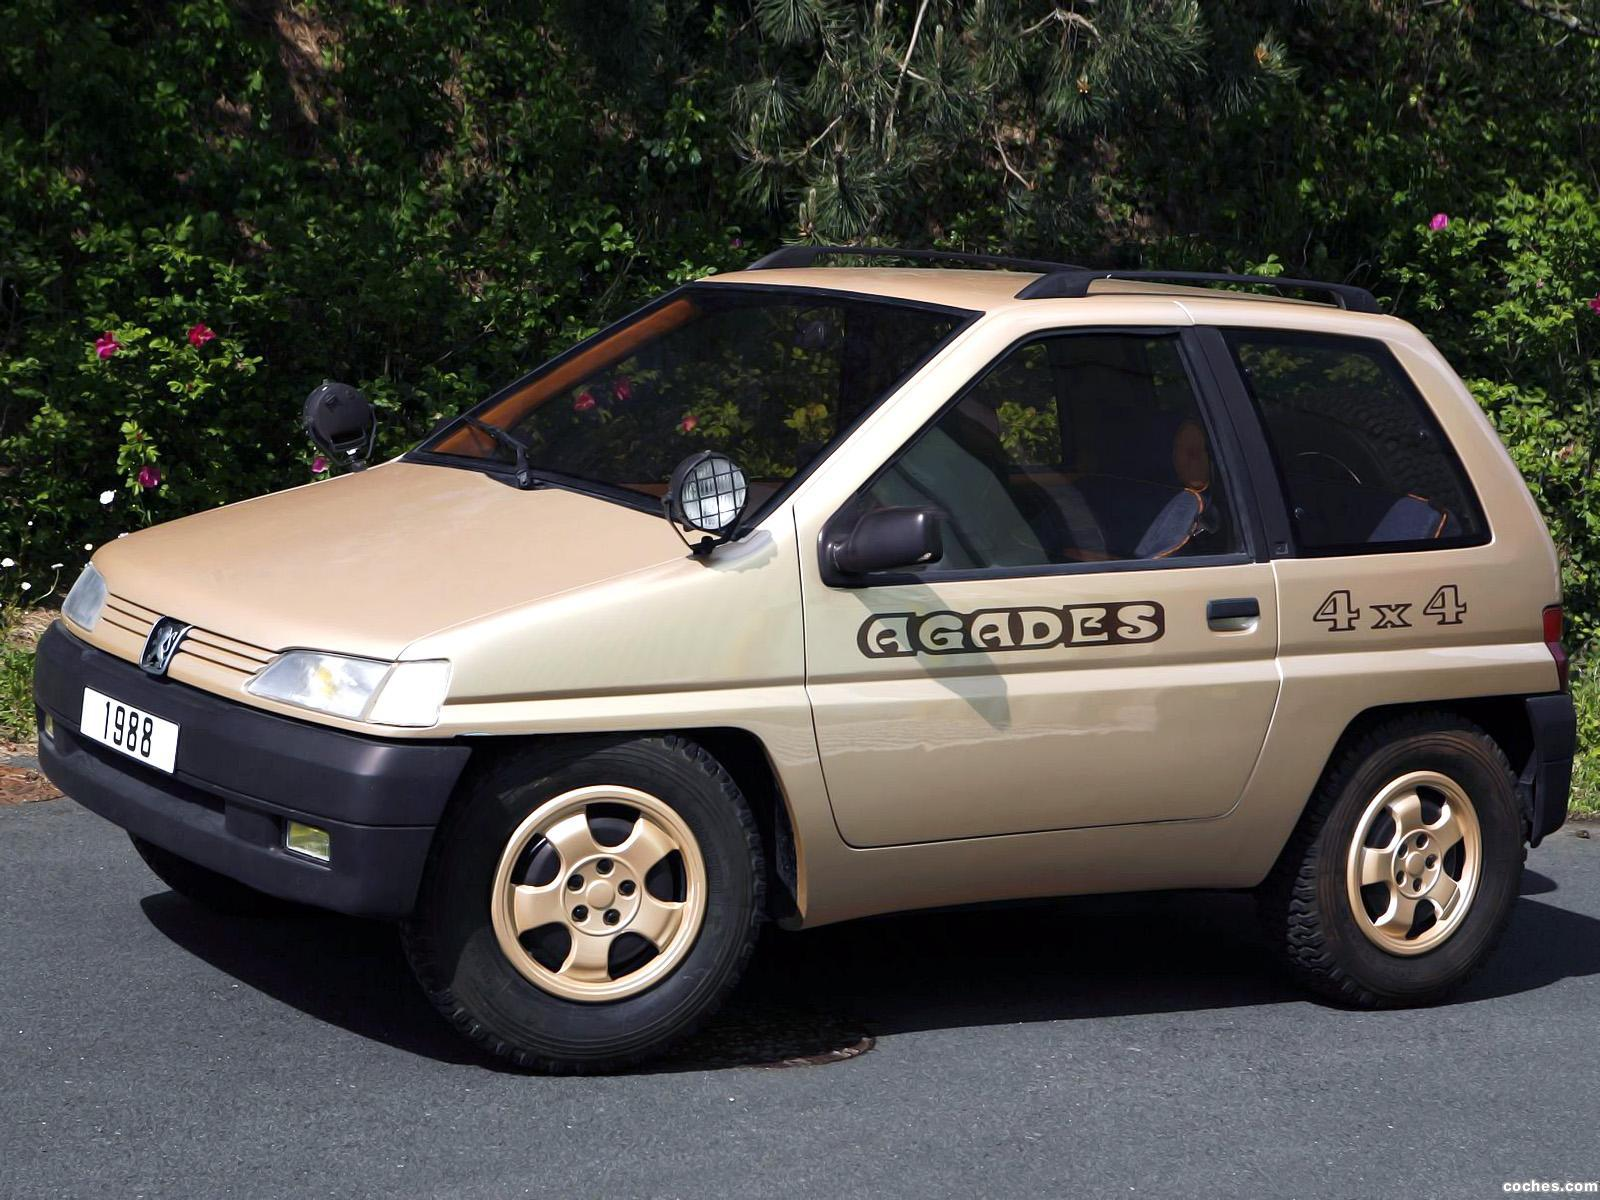 Foto 0 de Peugeot Heuliez 4x4 Agades Concept 1989